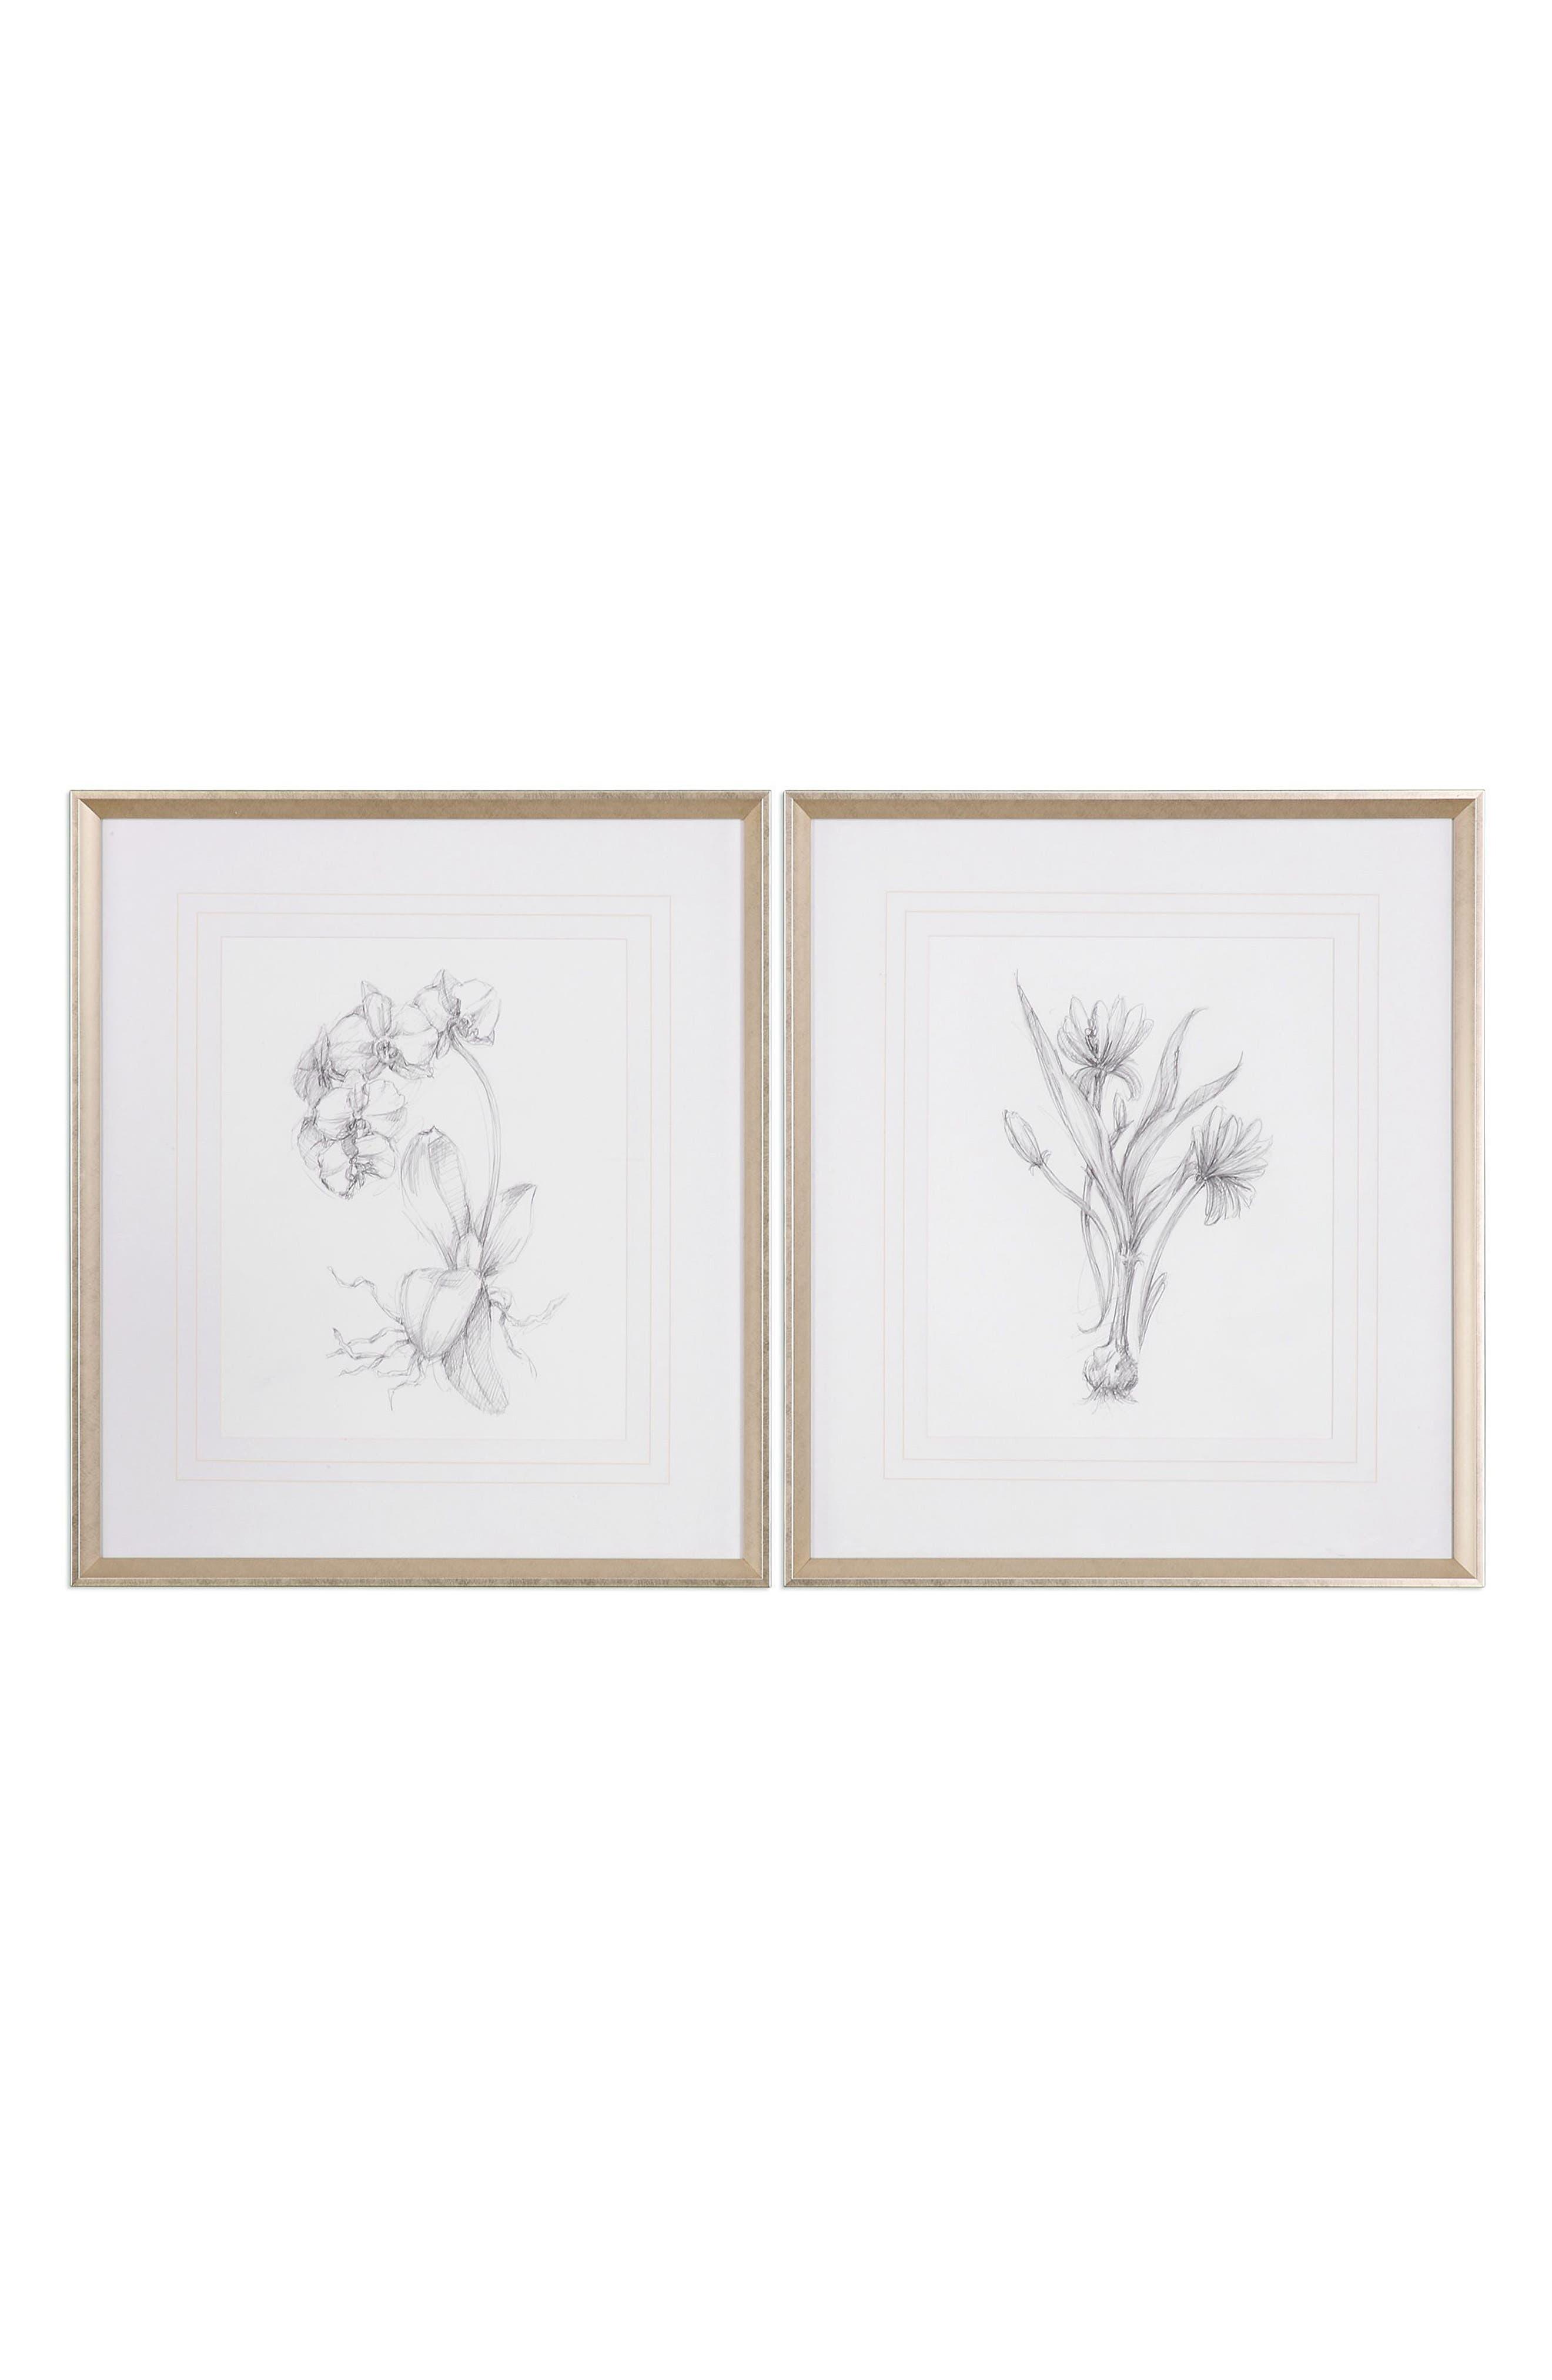 Uttermost Botanical Sketch Set of 2 Art Prints